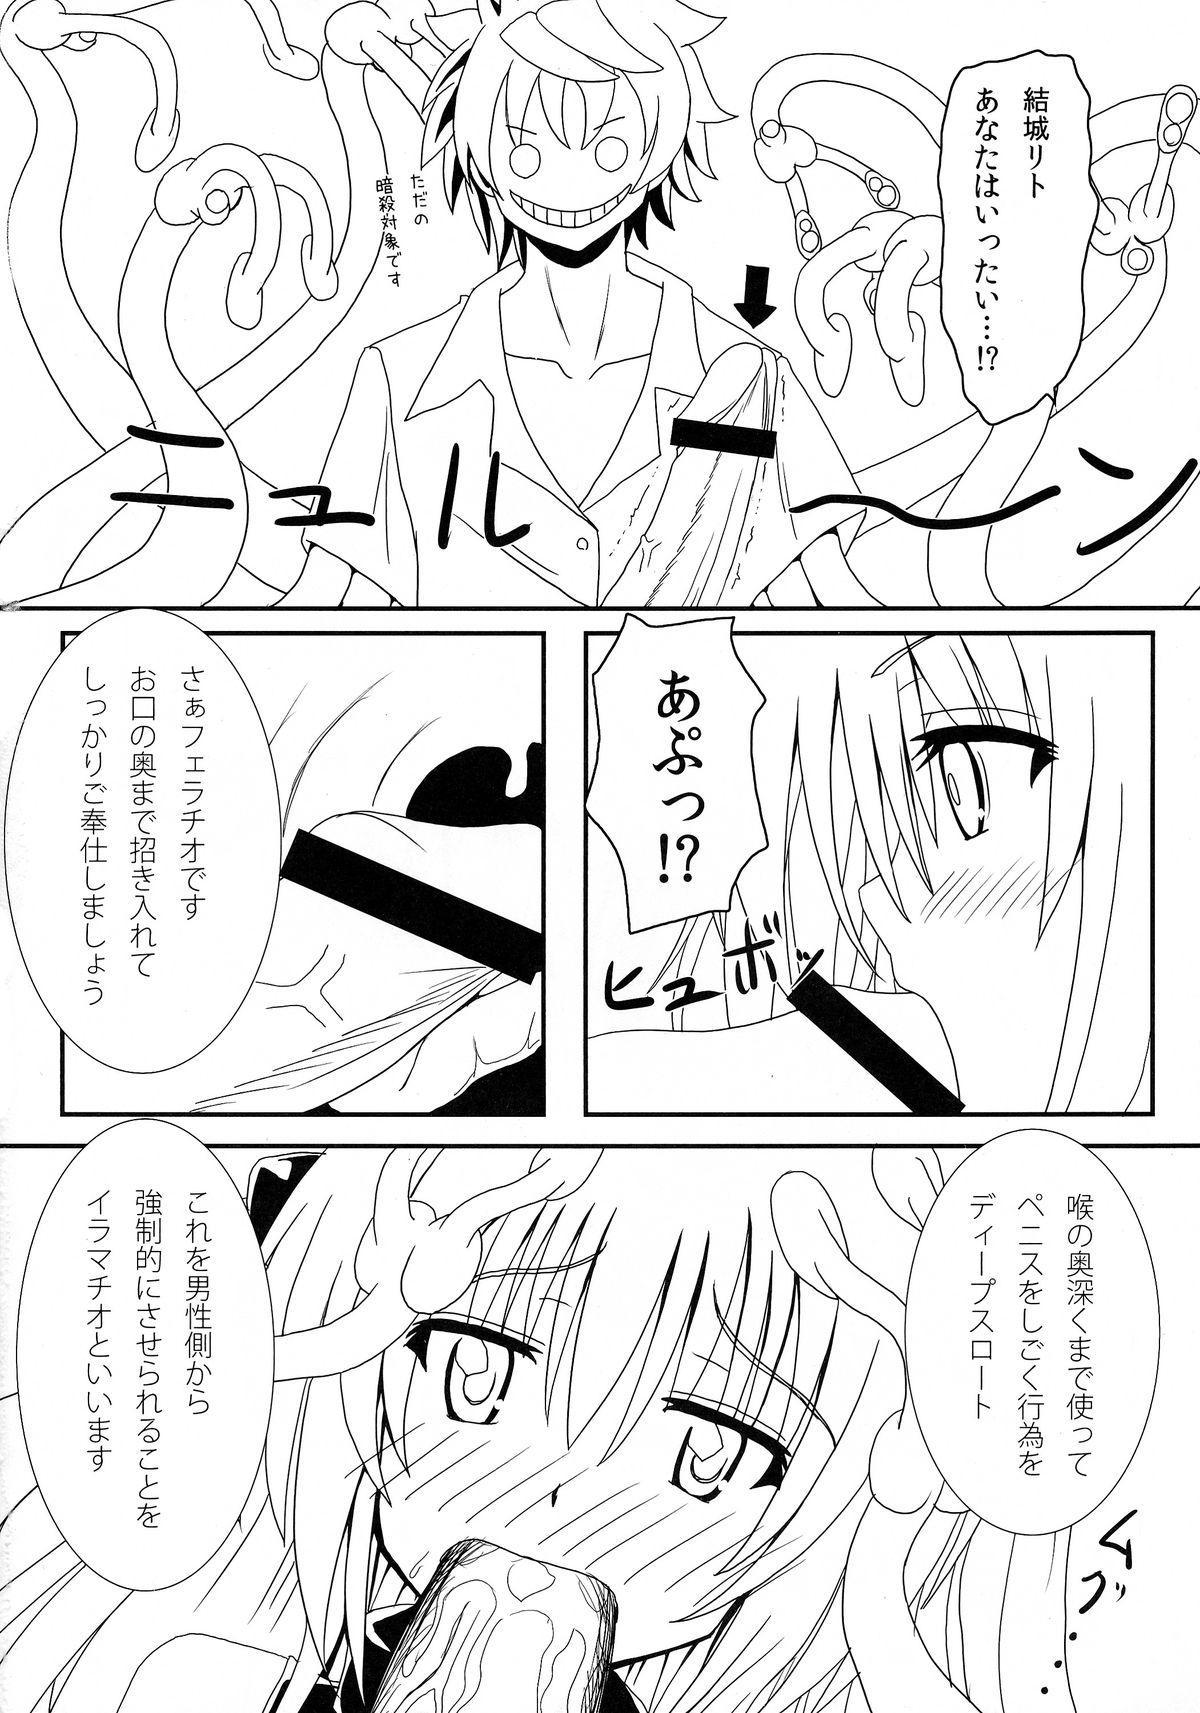 Yami-chan no Ansatsu Kyoushitsu 13